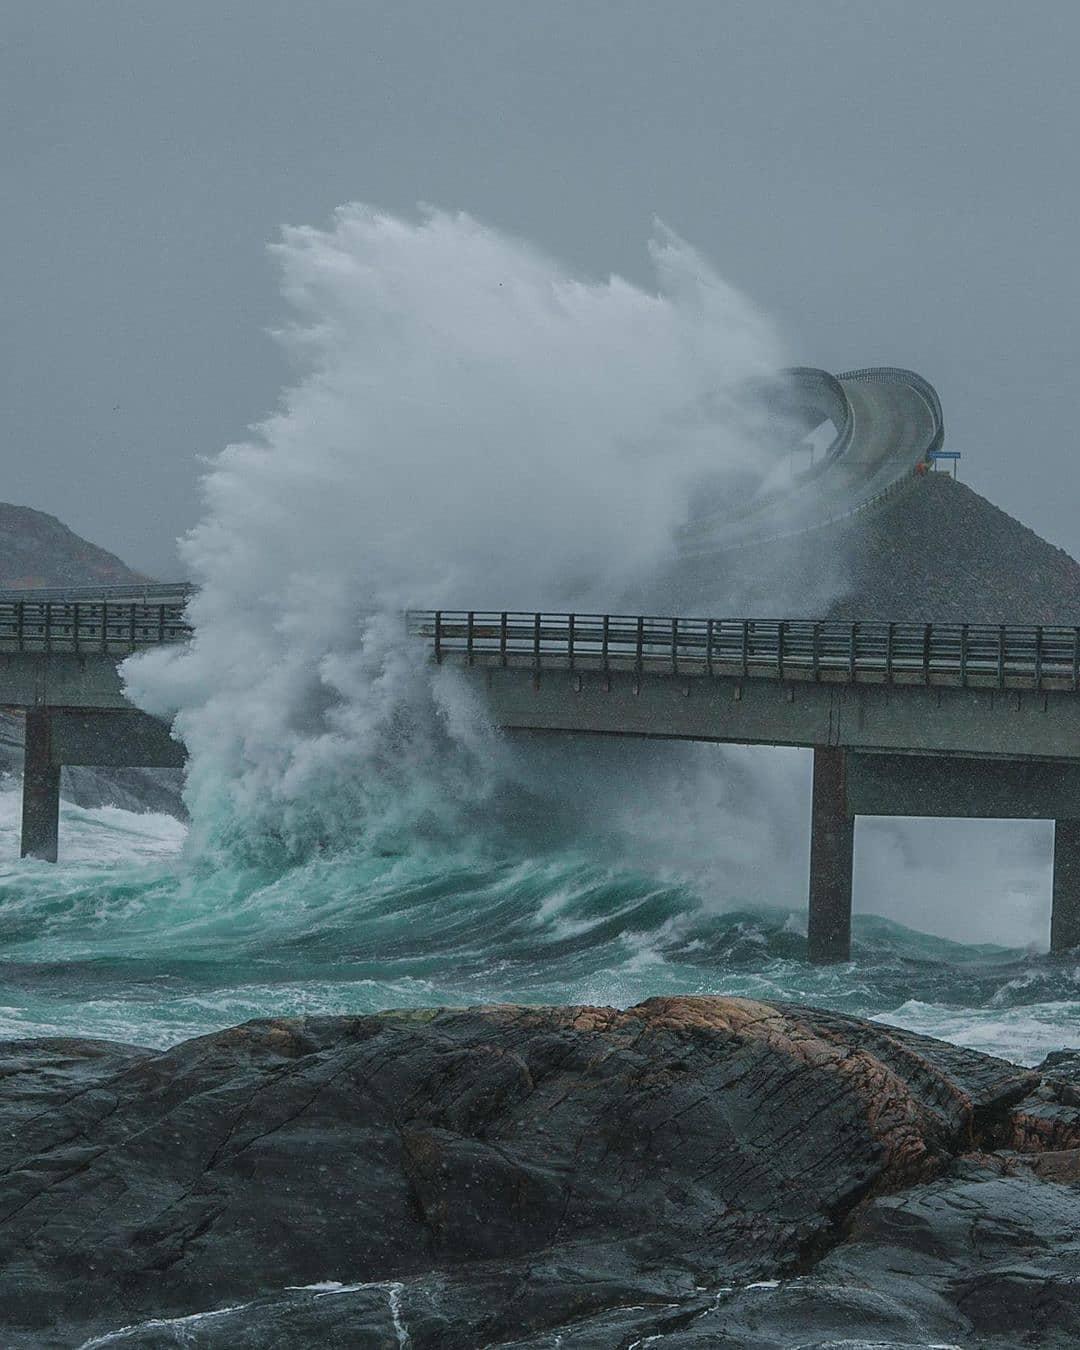 Cầu Storseisundet khi bị sóng đập. Ảnh: Instagram sbrenden